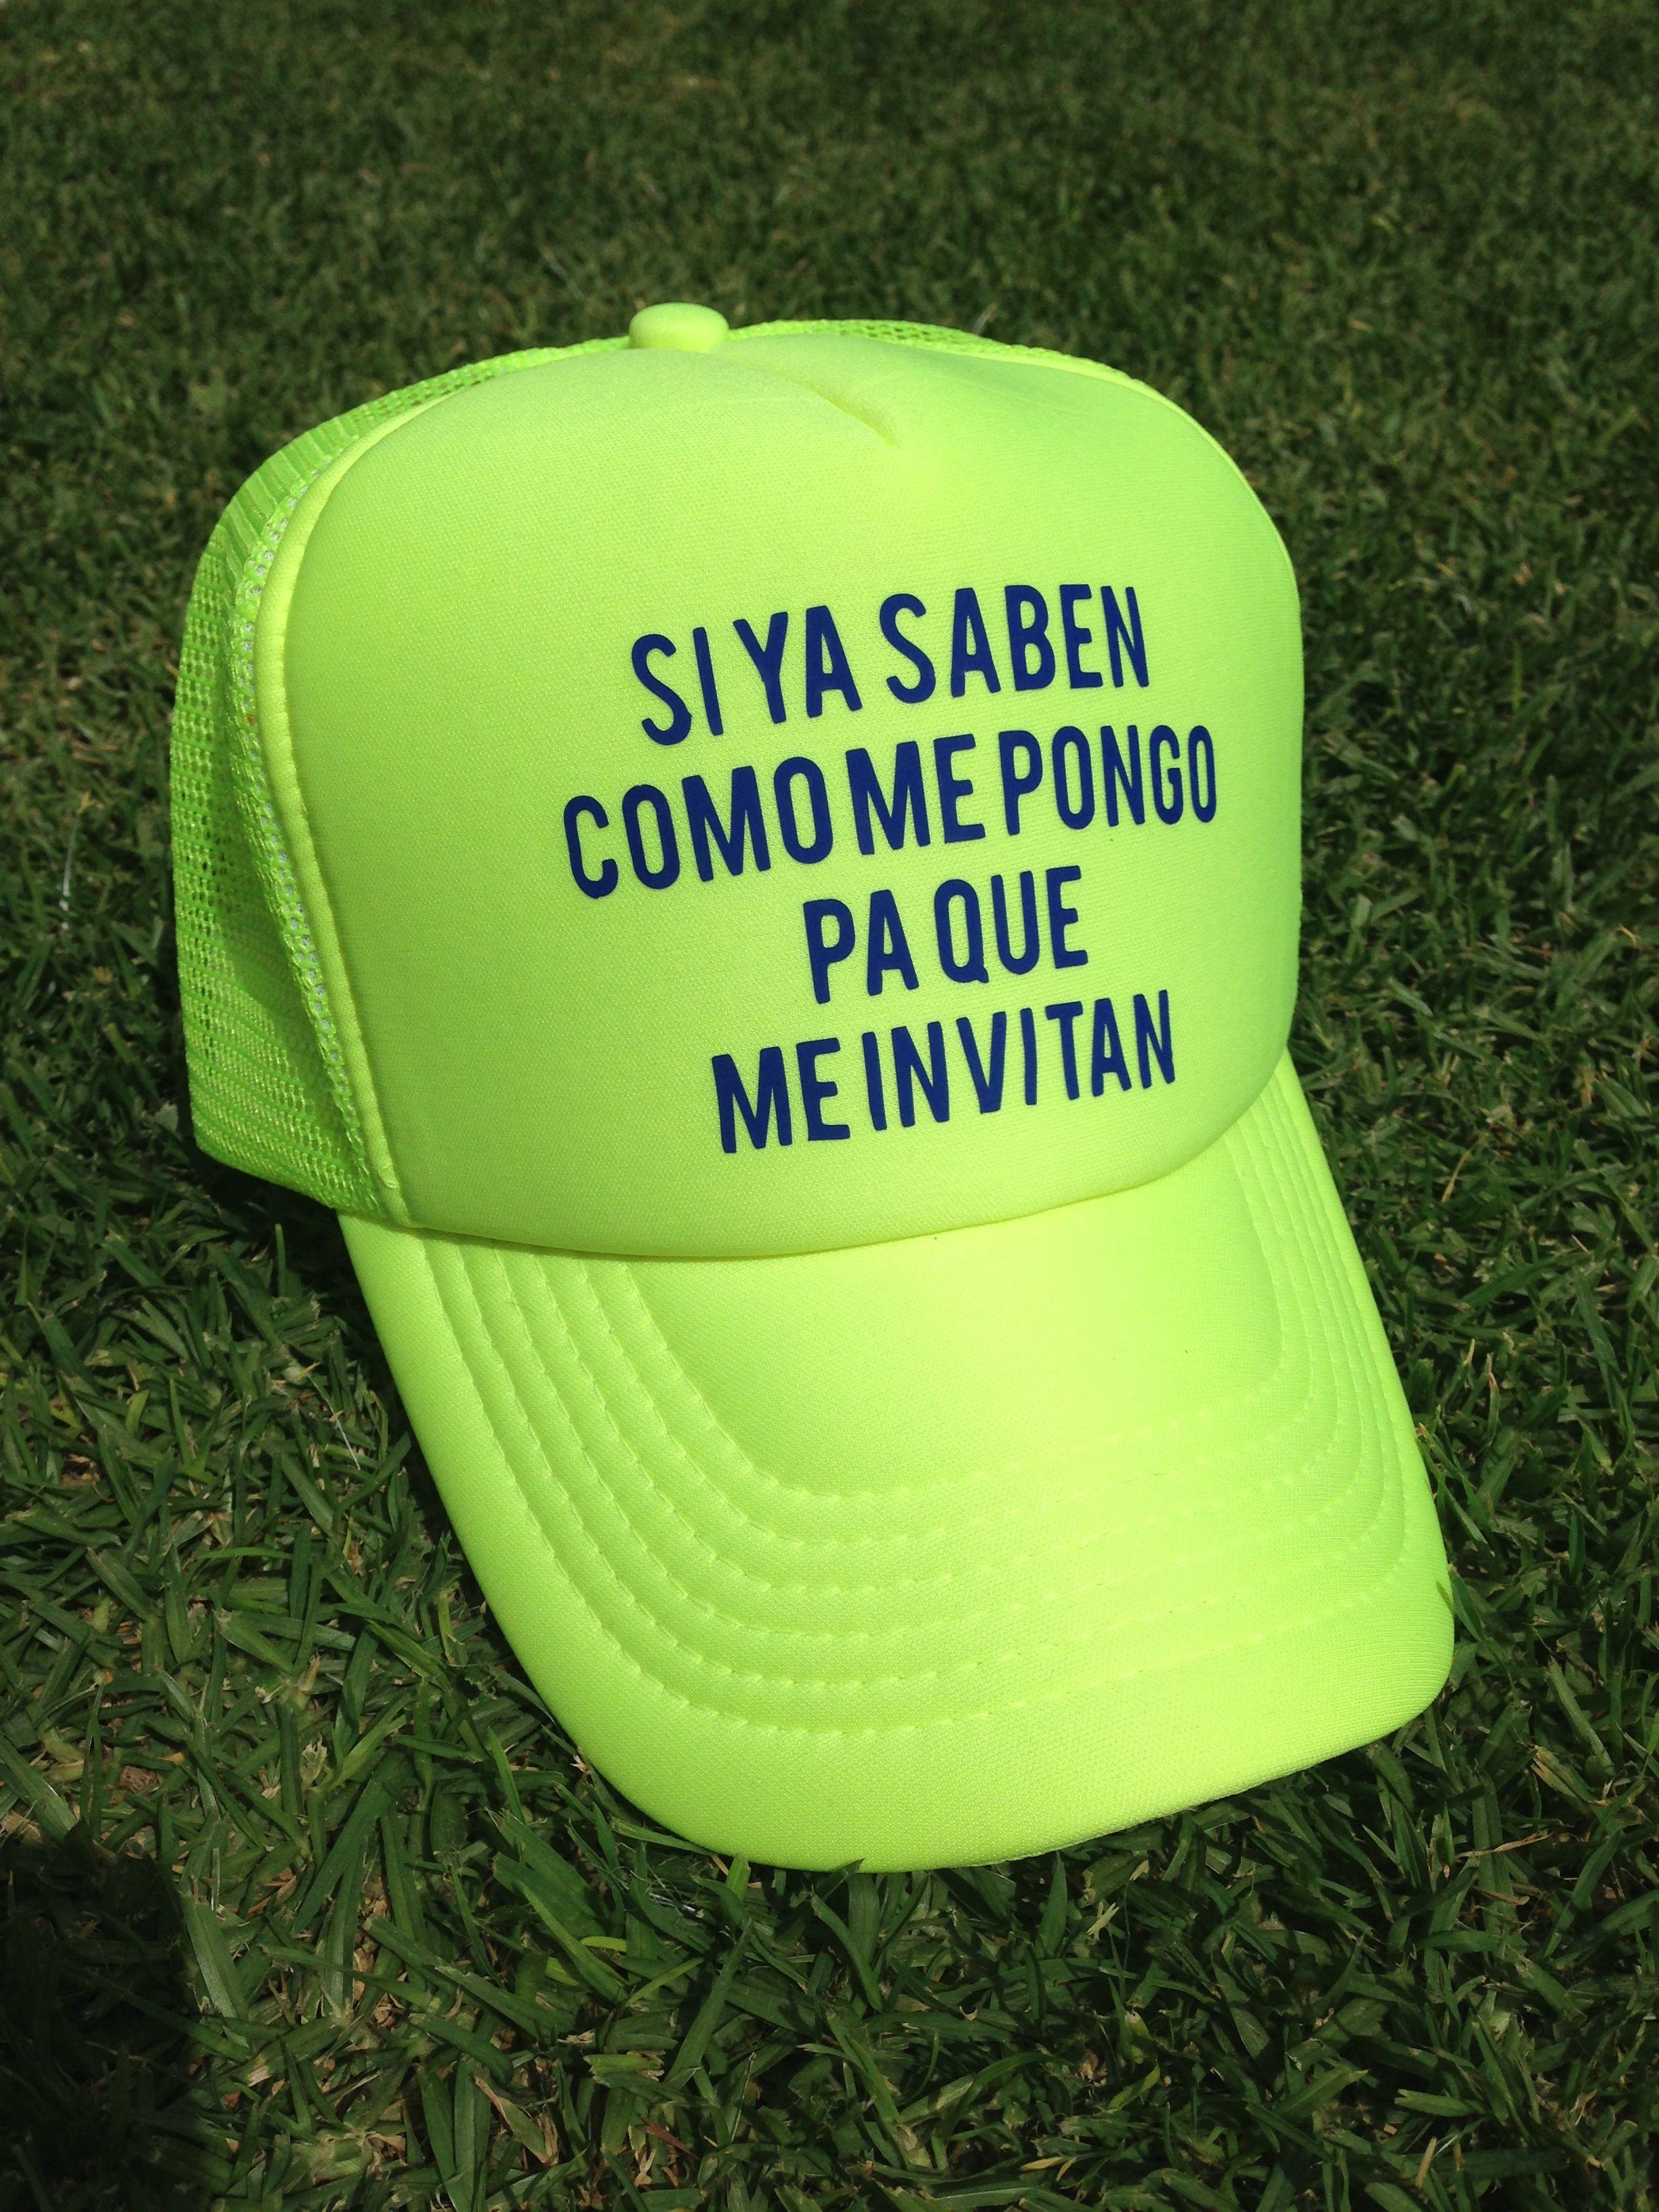 SI YA SABEN COMO ME PONGO PARA QUE ME INVITAN - TRUCKER CAP BY SANTA  CACHUCHA MEXICO a9081ac54a2